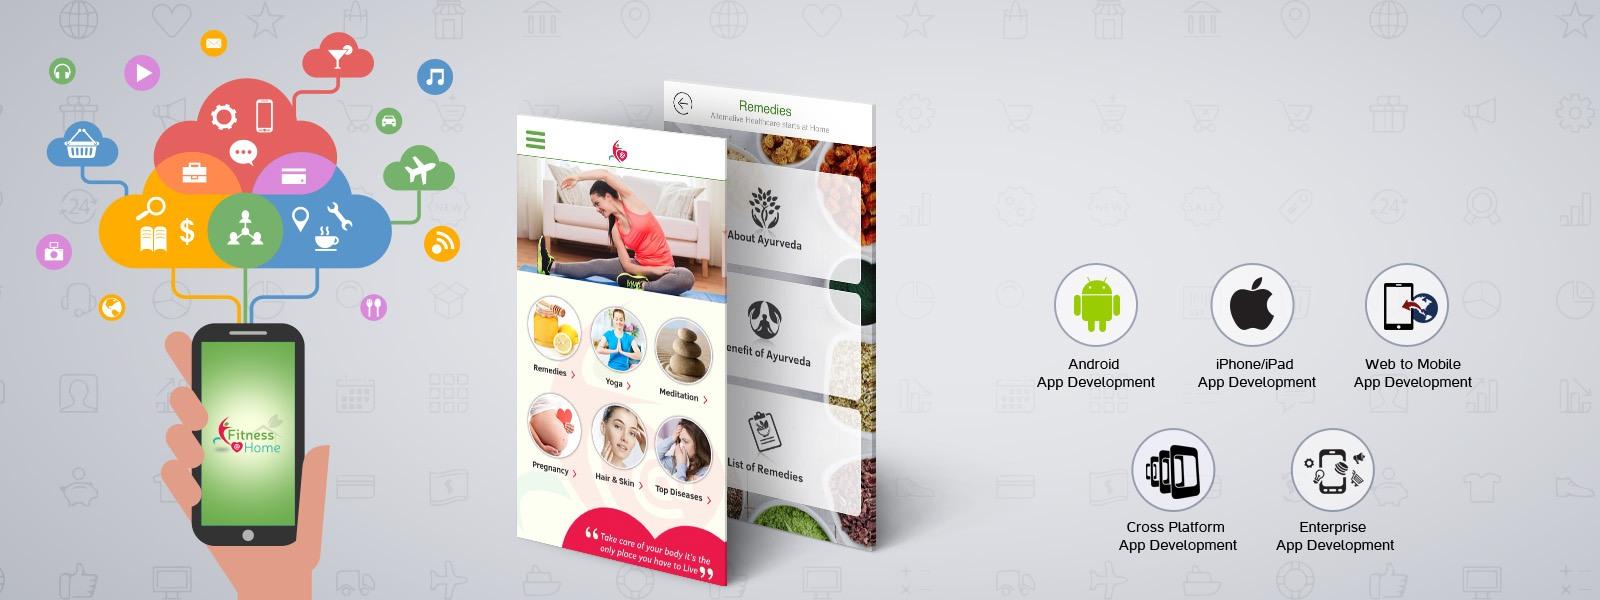 mobile-app-development-services